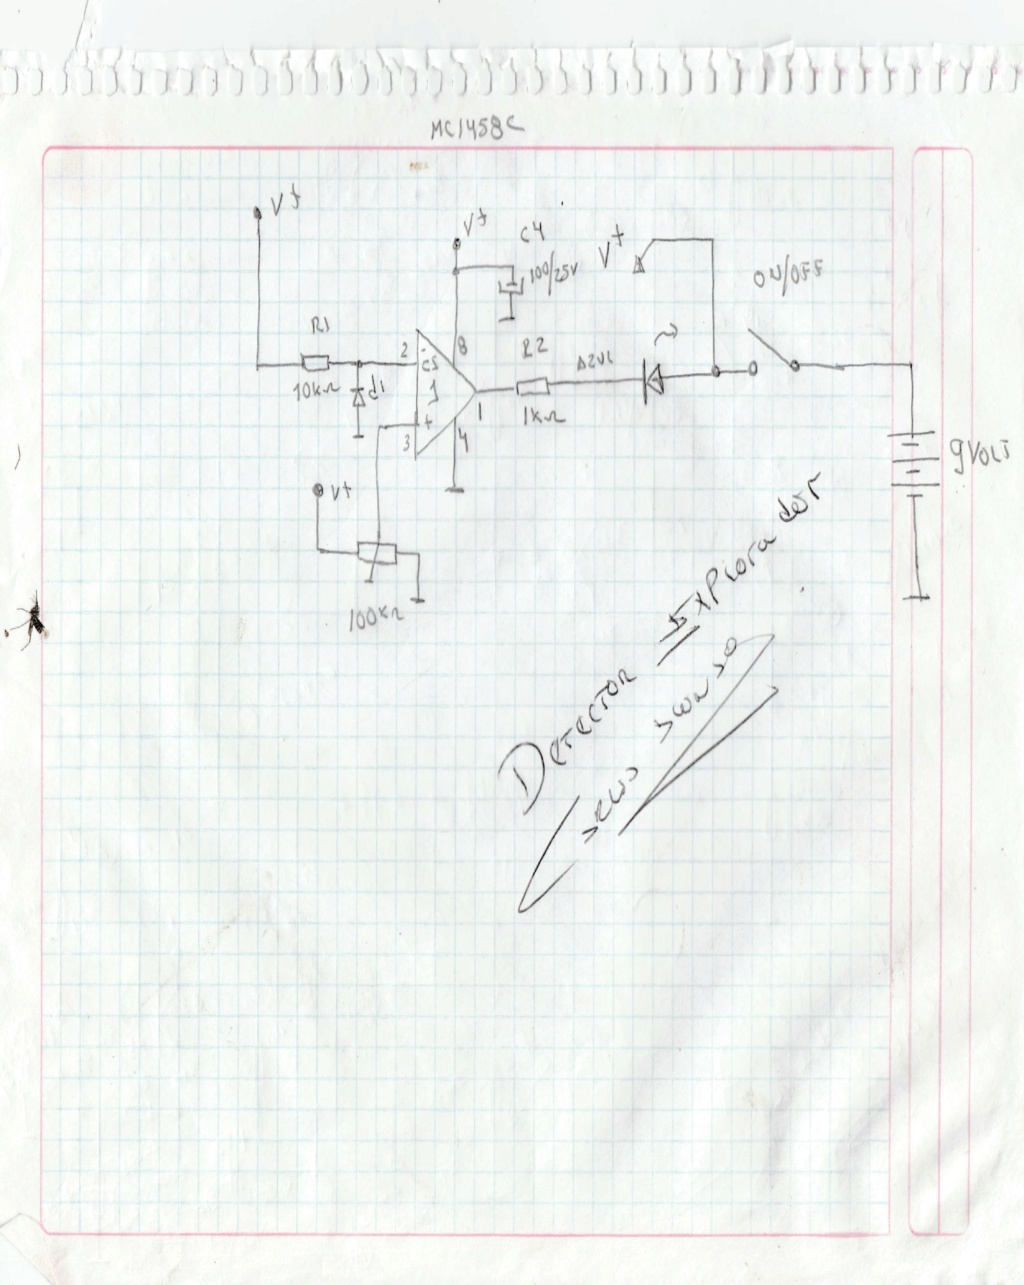 les COMPARTO DIAGRAMA DEL DETECTOR EXPLORADOR Detect11